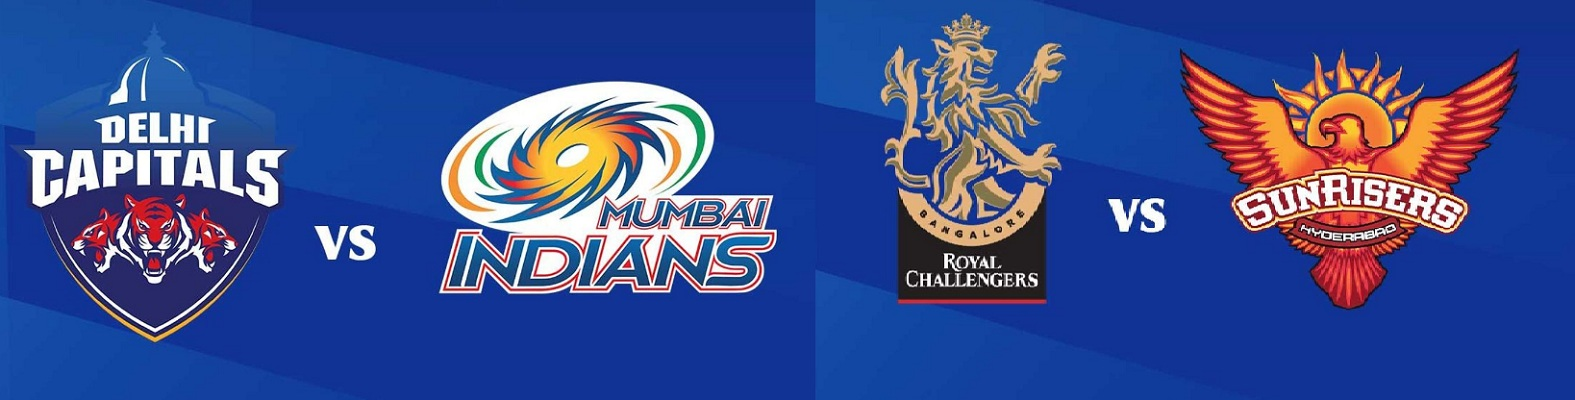 IPL2020 : आईपीएल में आज किस टीम पर होगी शनिदेव के कृपा, जानें